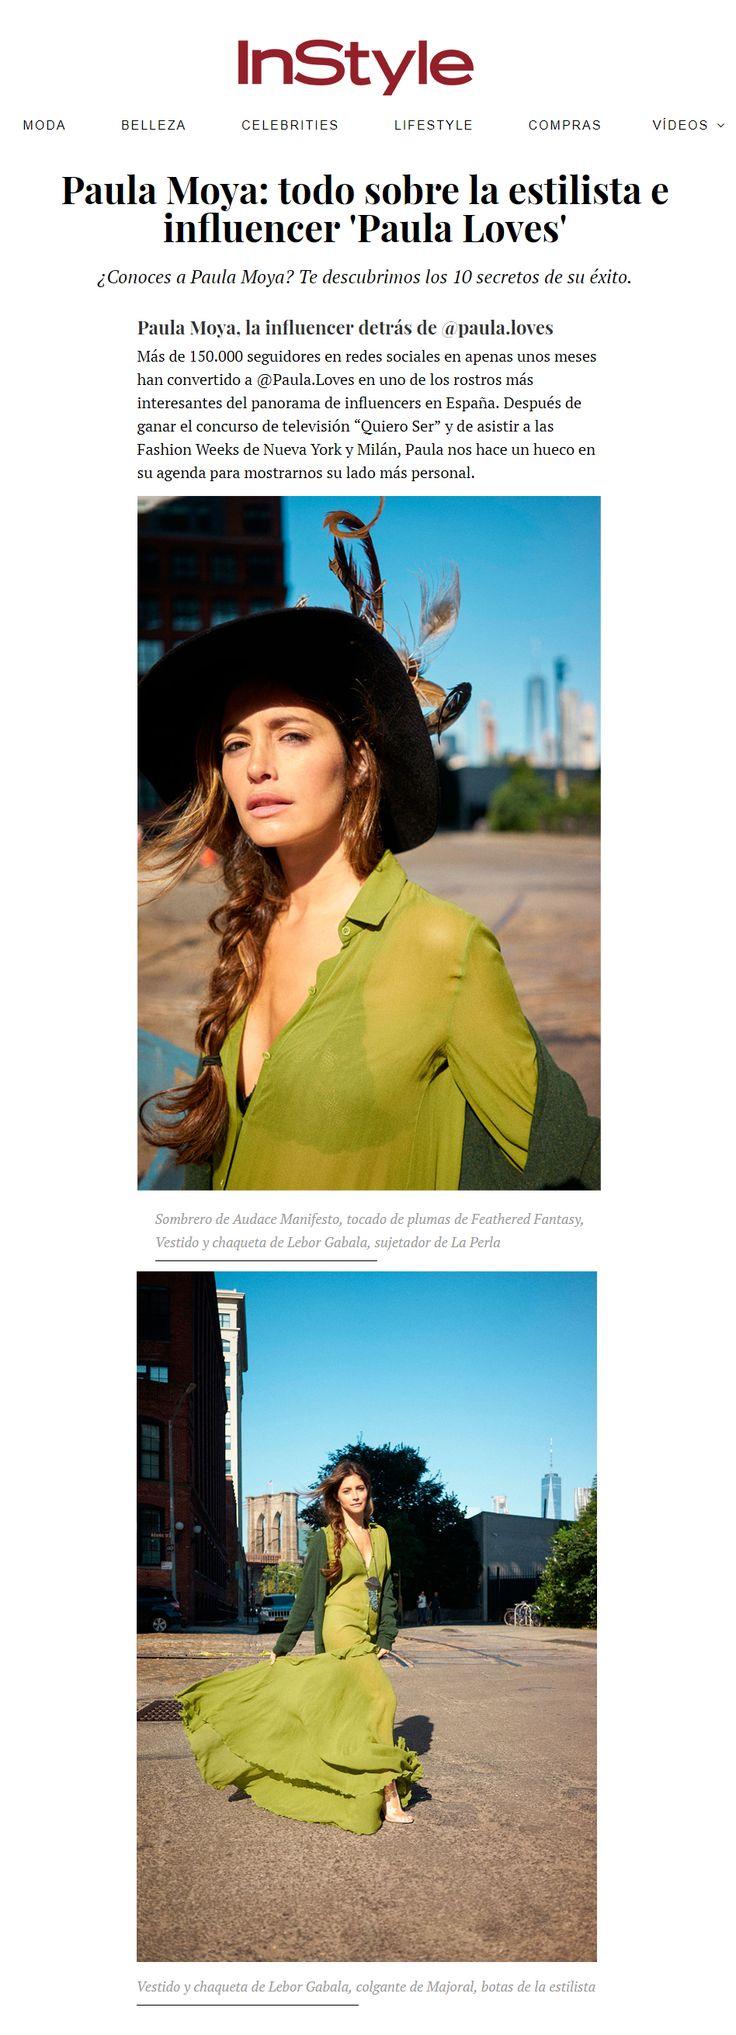 La influencer Paula Moya en InStyle.com con vestido de seda Lebor Gabala, noviembre 2017.